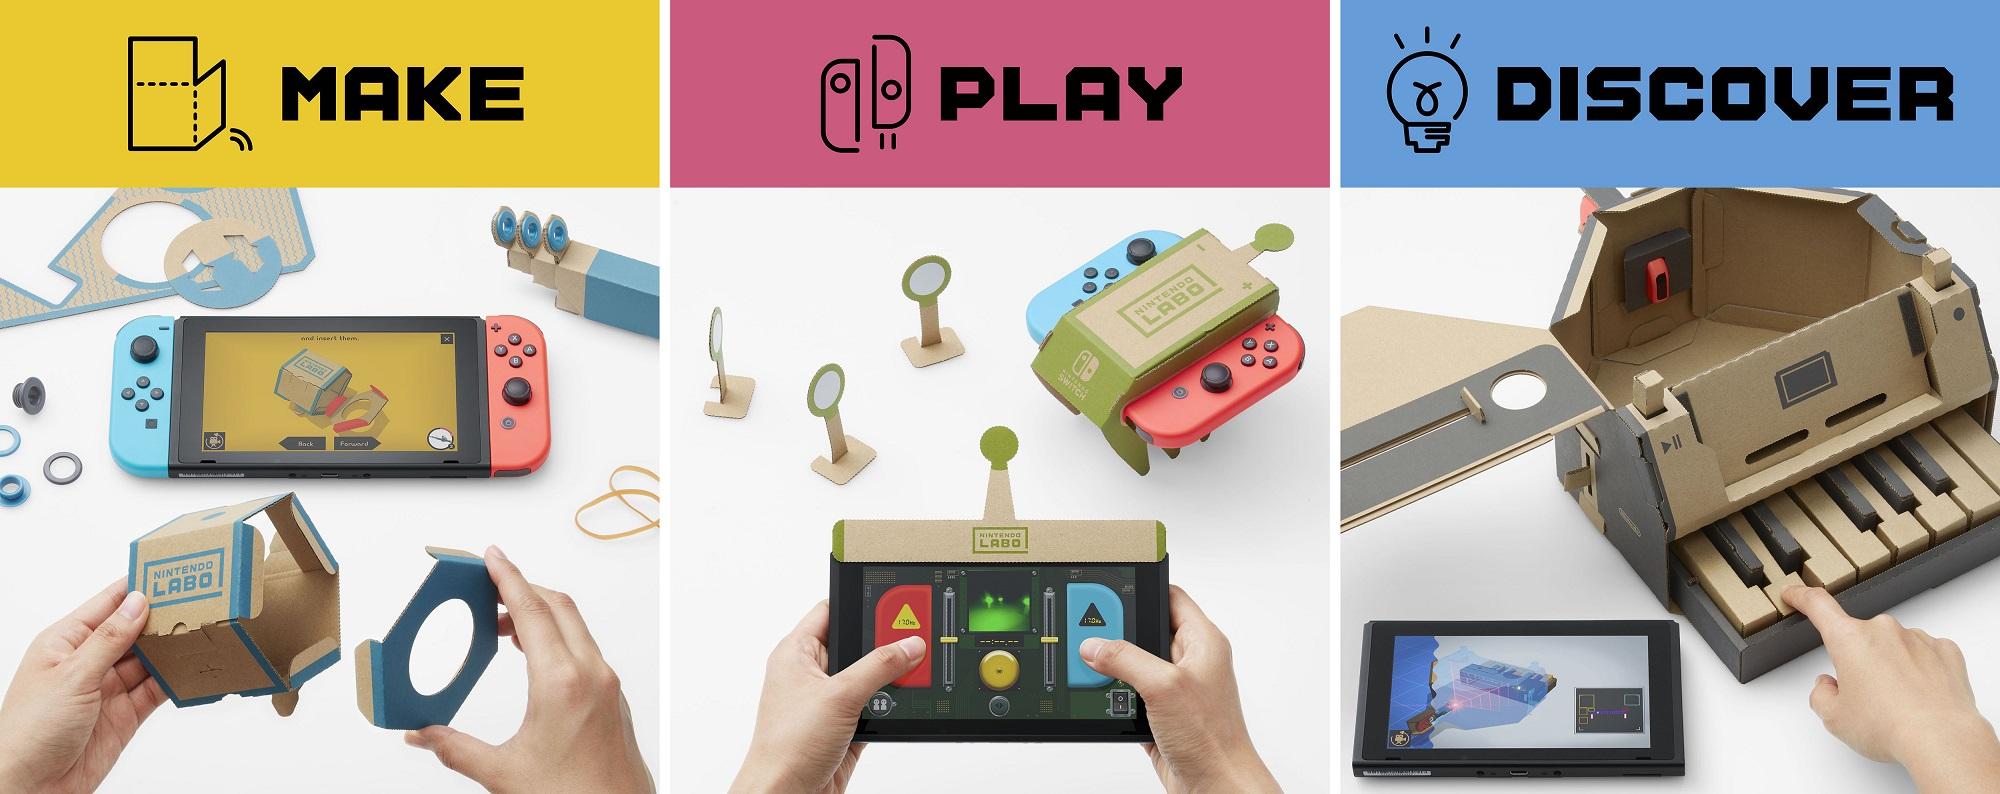 Review in Progress: Nintendo Labo - Variety Kit